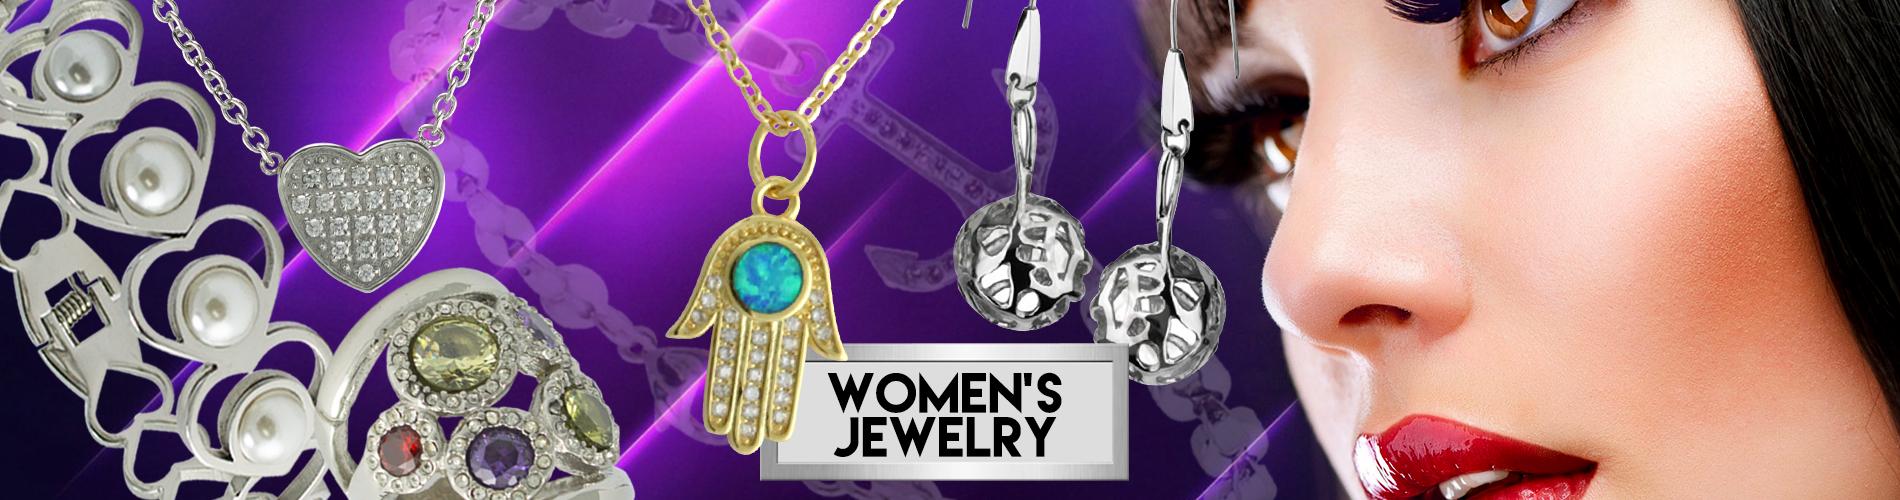 Women jewelry full